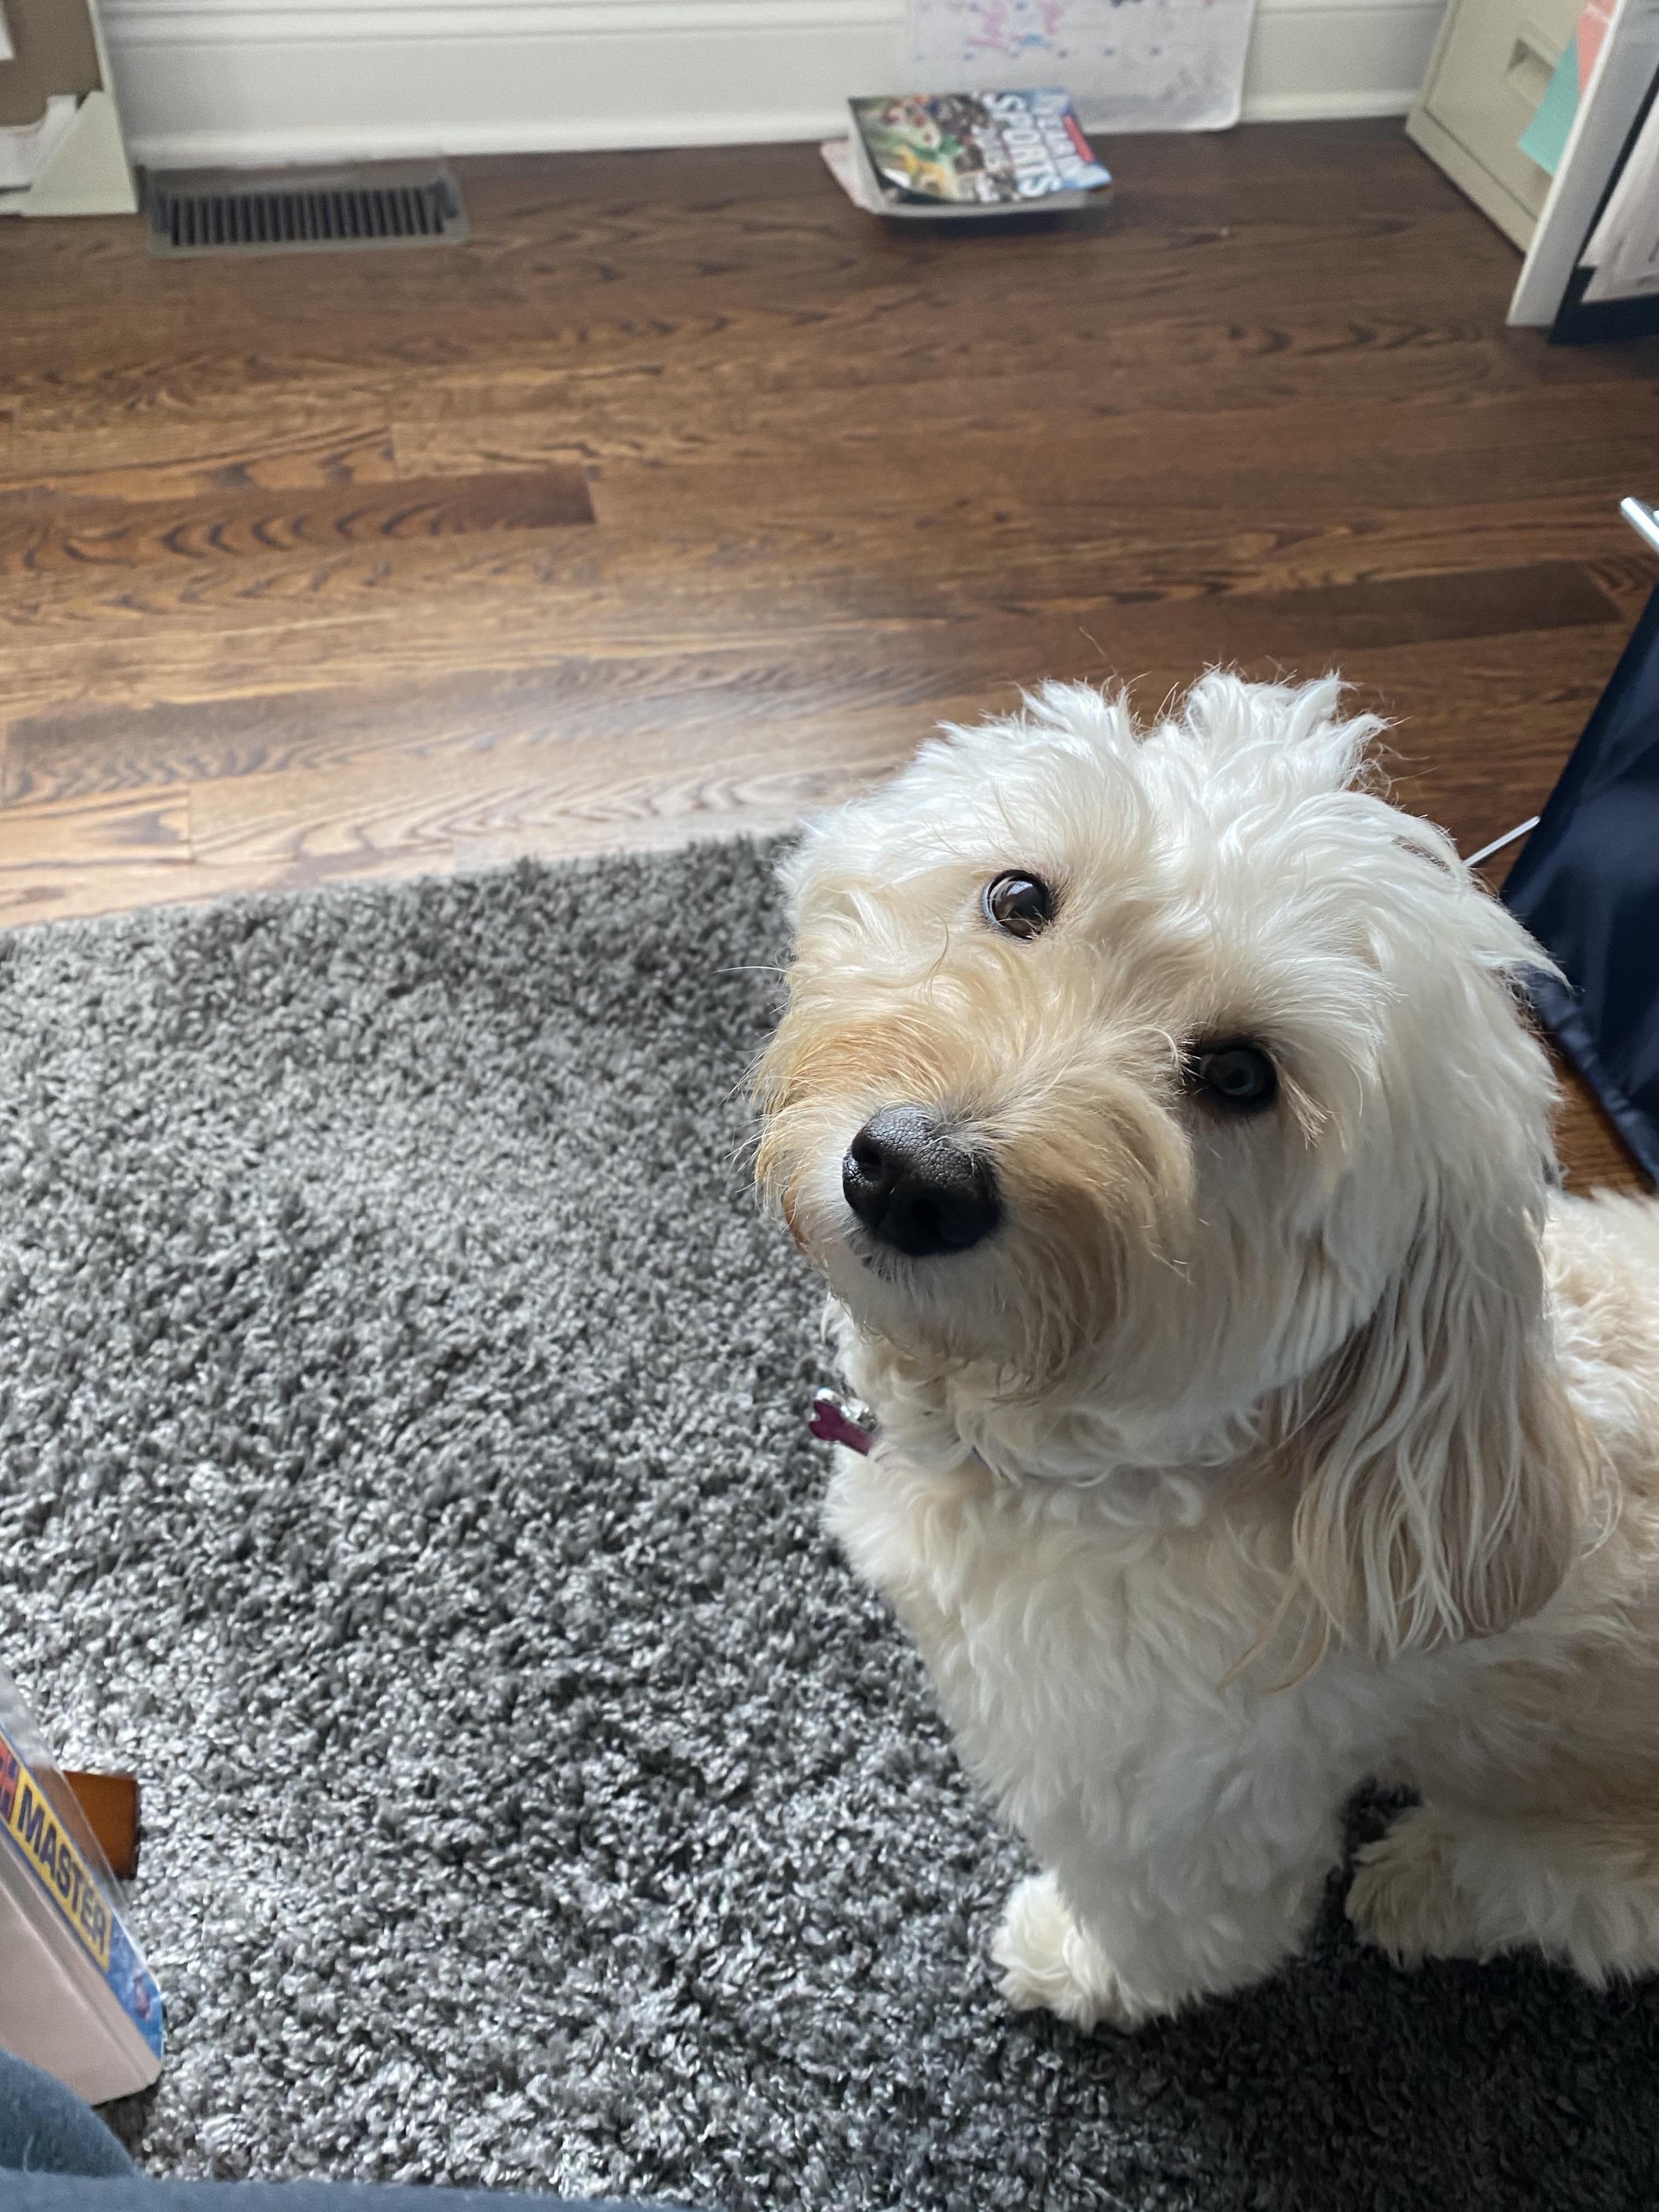 Remi says 'Hi guys!'